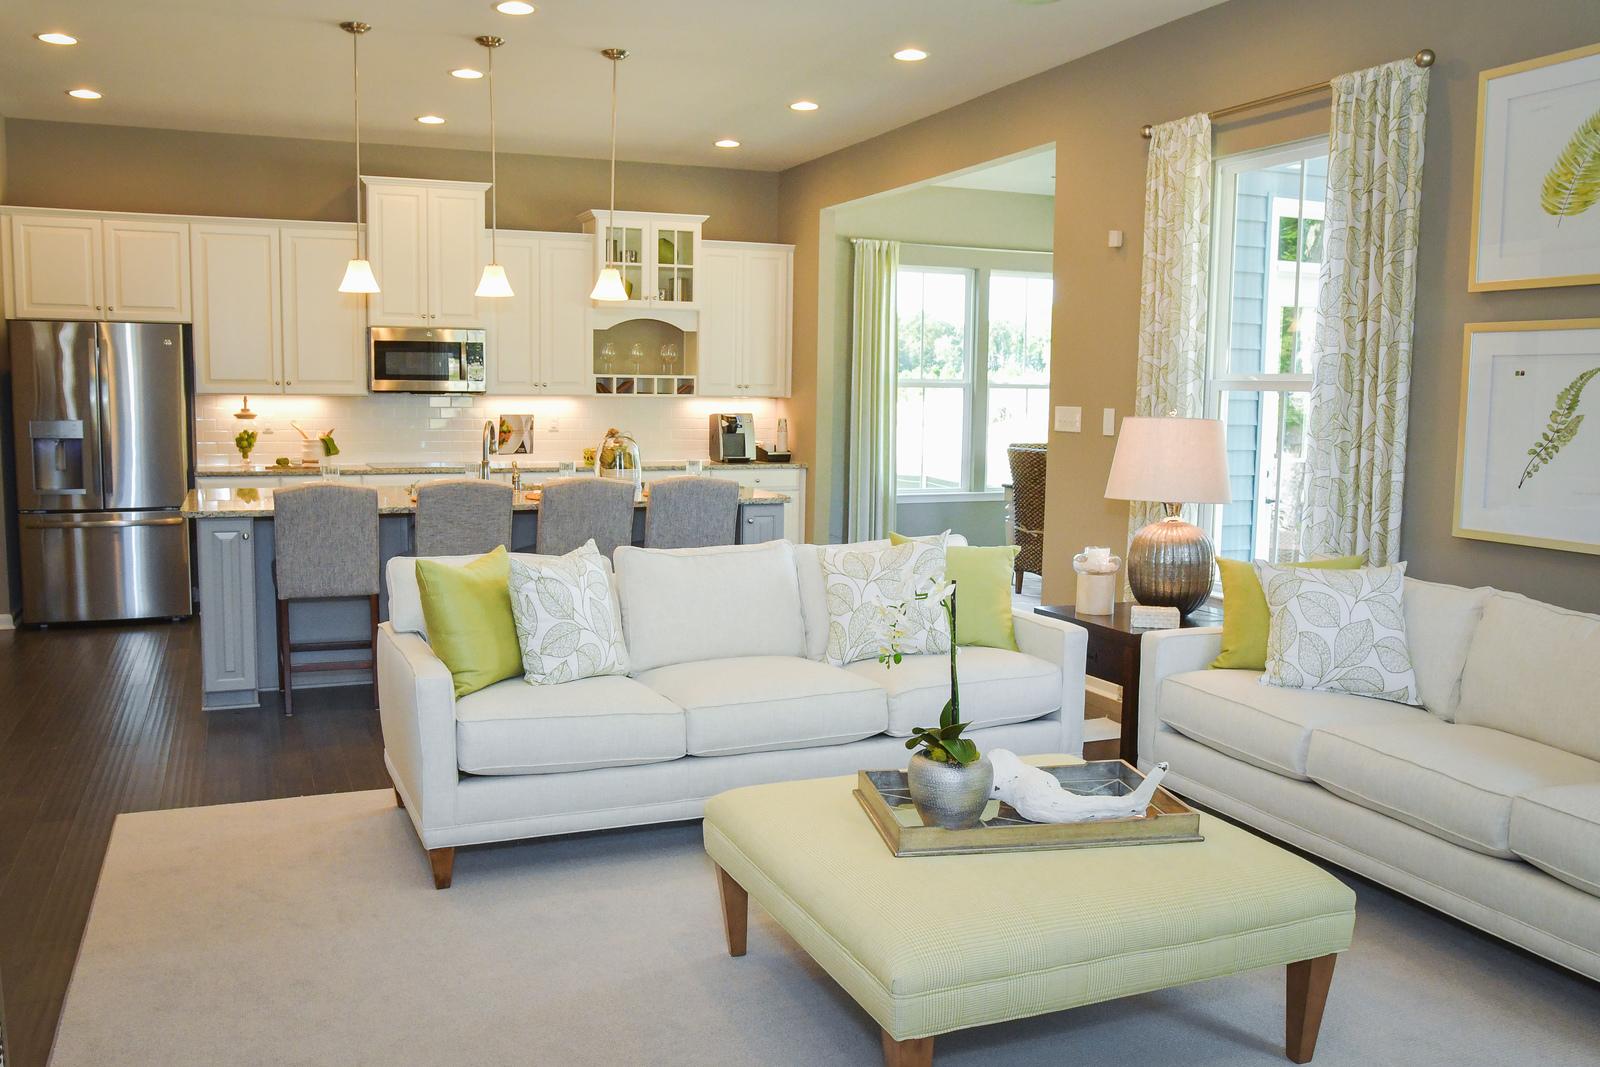 New Construction SingleFamily Homes For Sale Sph00Ryan Homes – Ryan Homes Springhaven Floor Plan